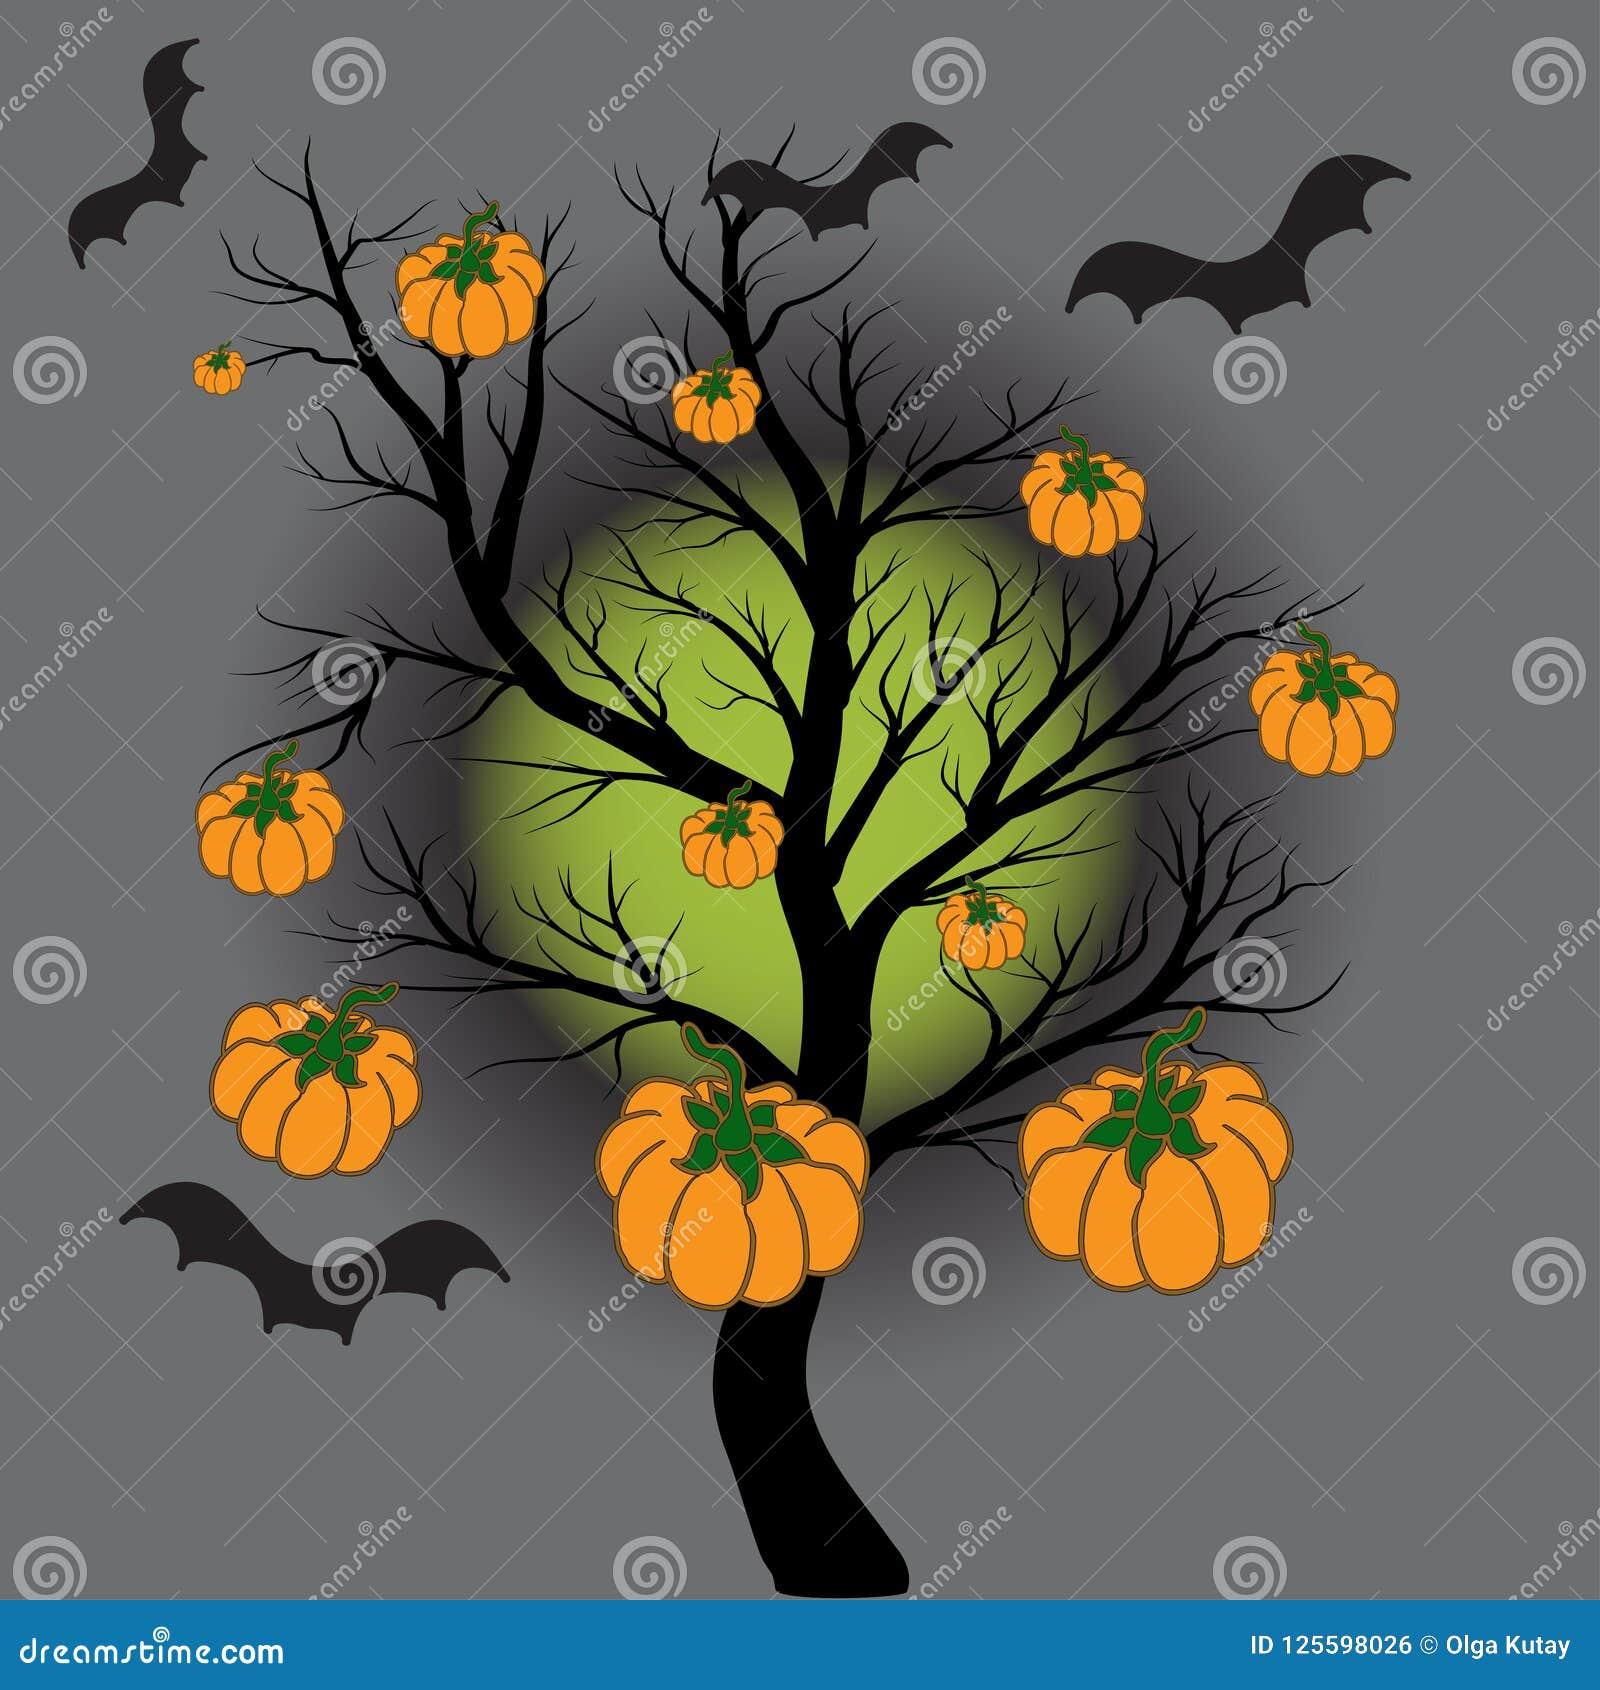 Tegen de achtergrond van de volle maan, een boom zonder bladeren Op een boom van een pompoen